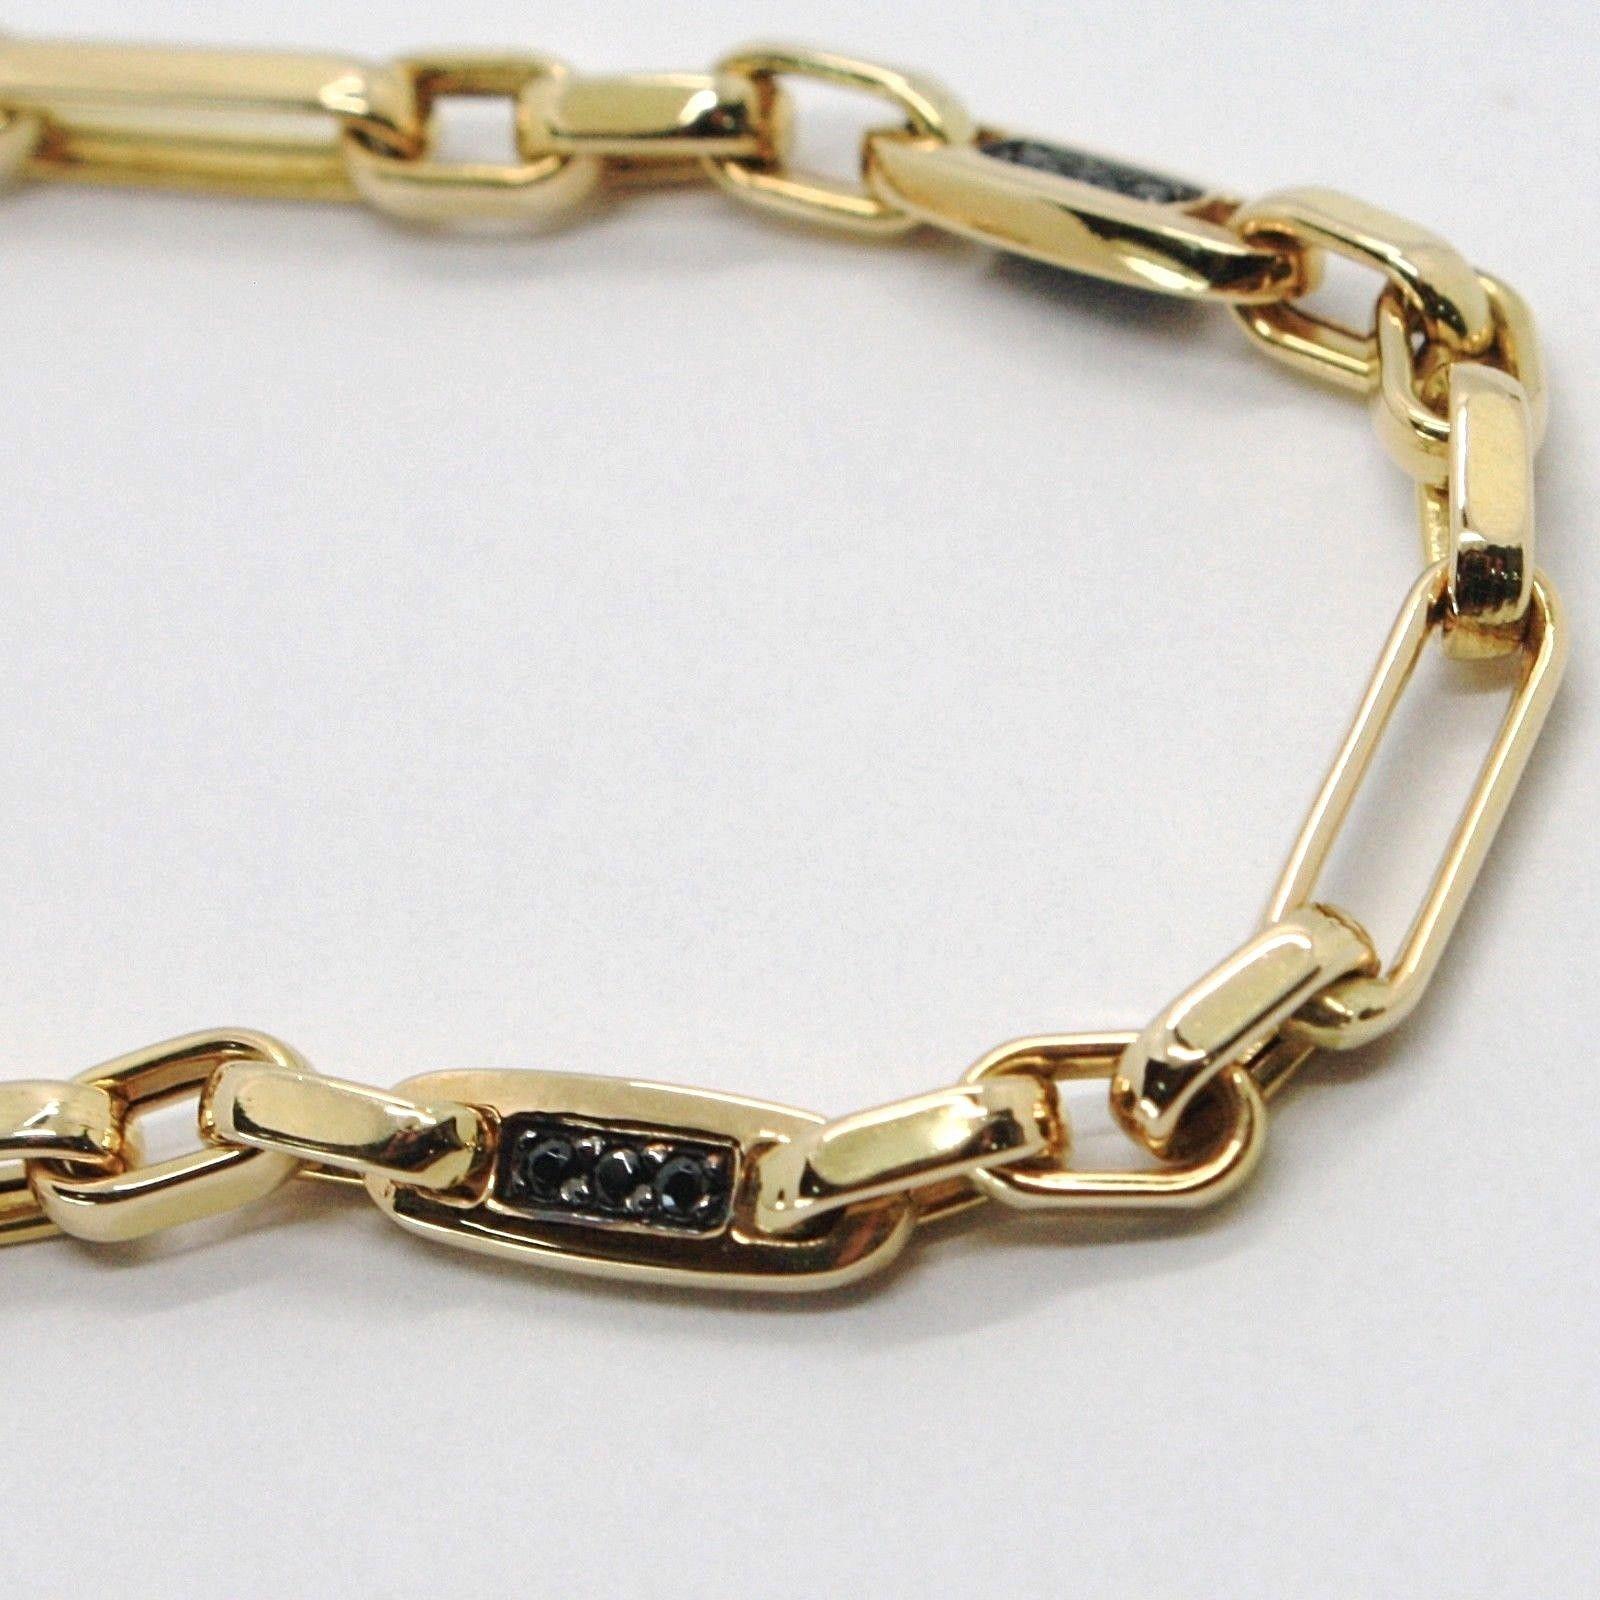 Armband Gold Gelbgold 18K 750,Röhren und Oval Wechselblinker,mit Zirkonia